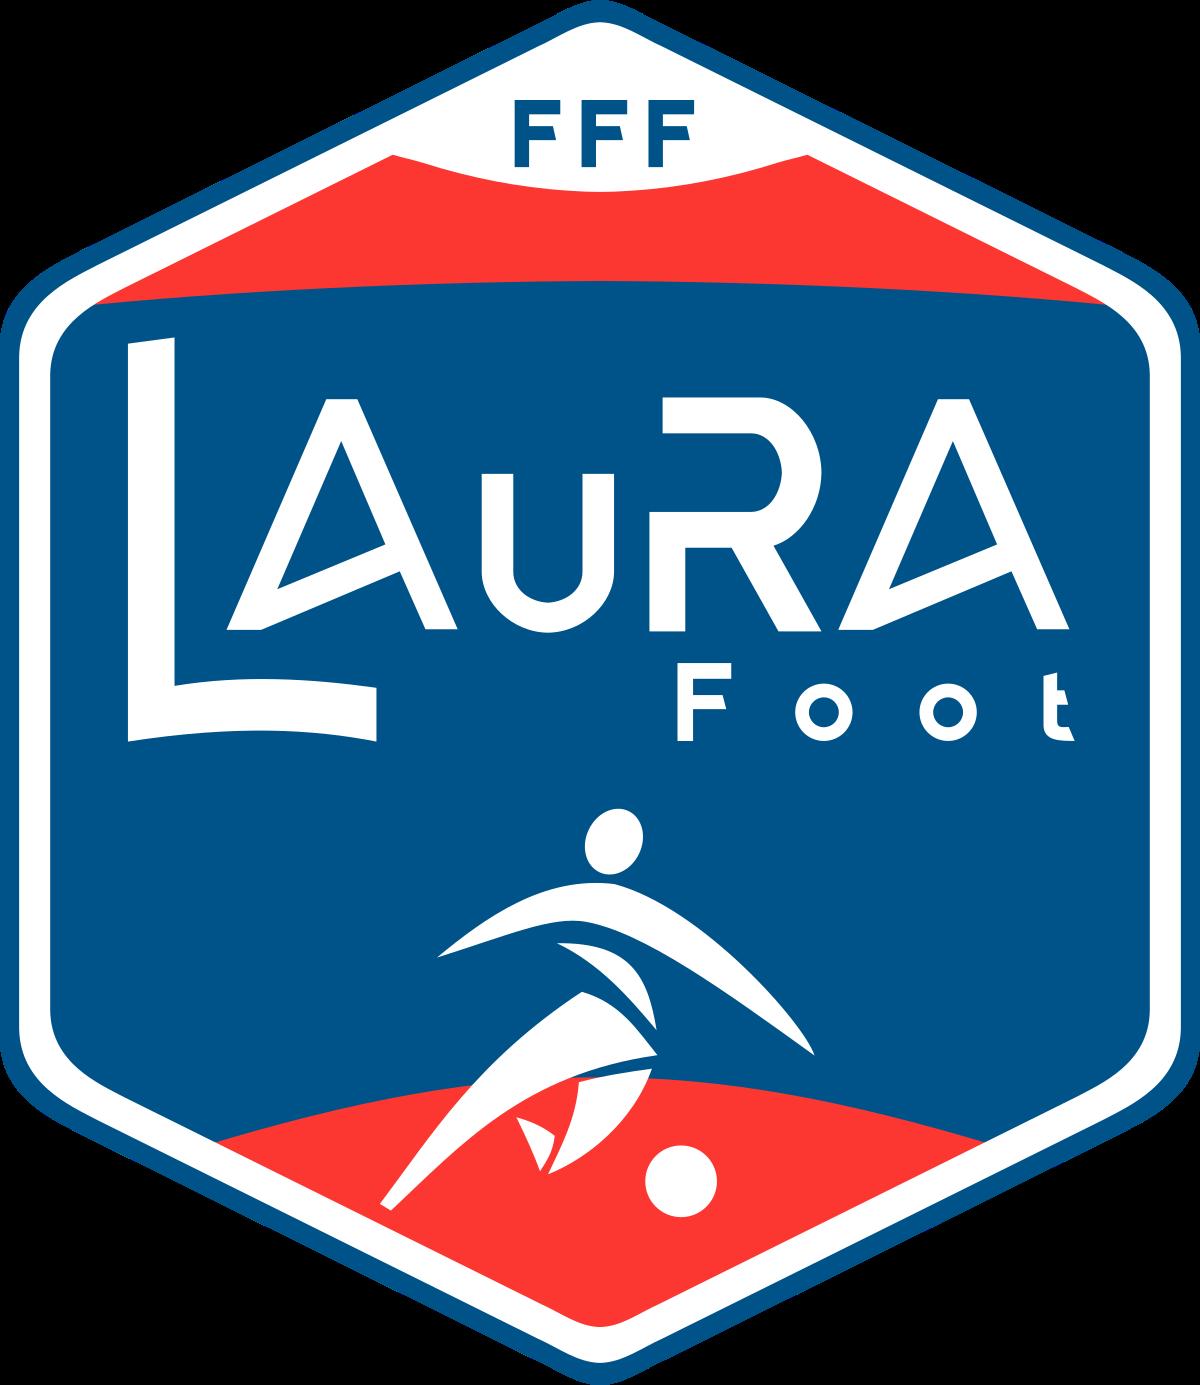 Le tirage au sort du 1er tour de la coupe LAURA féminine